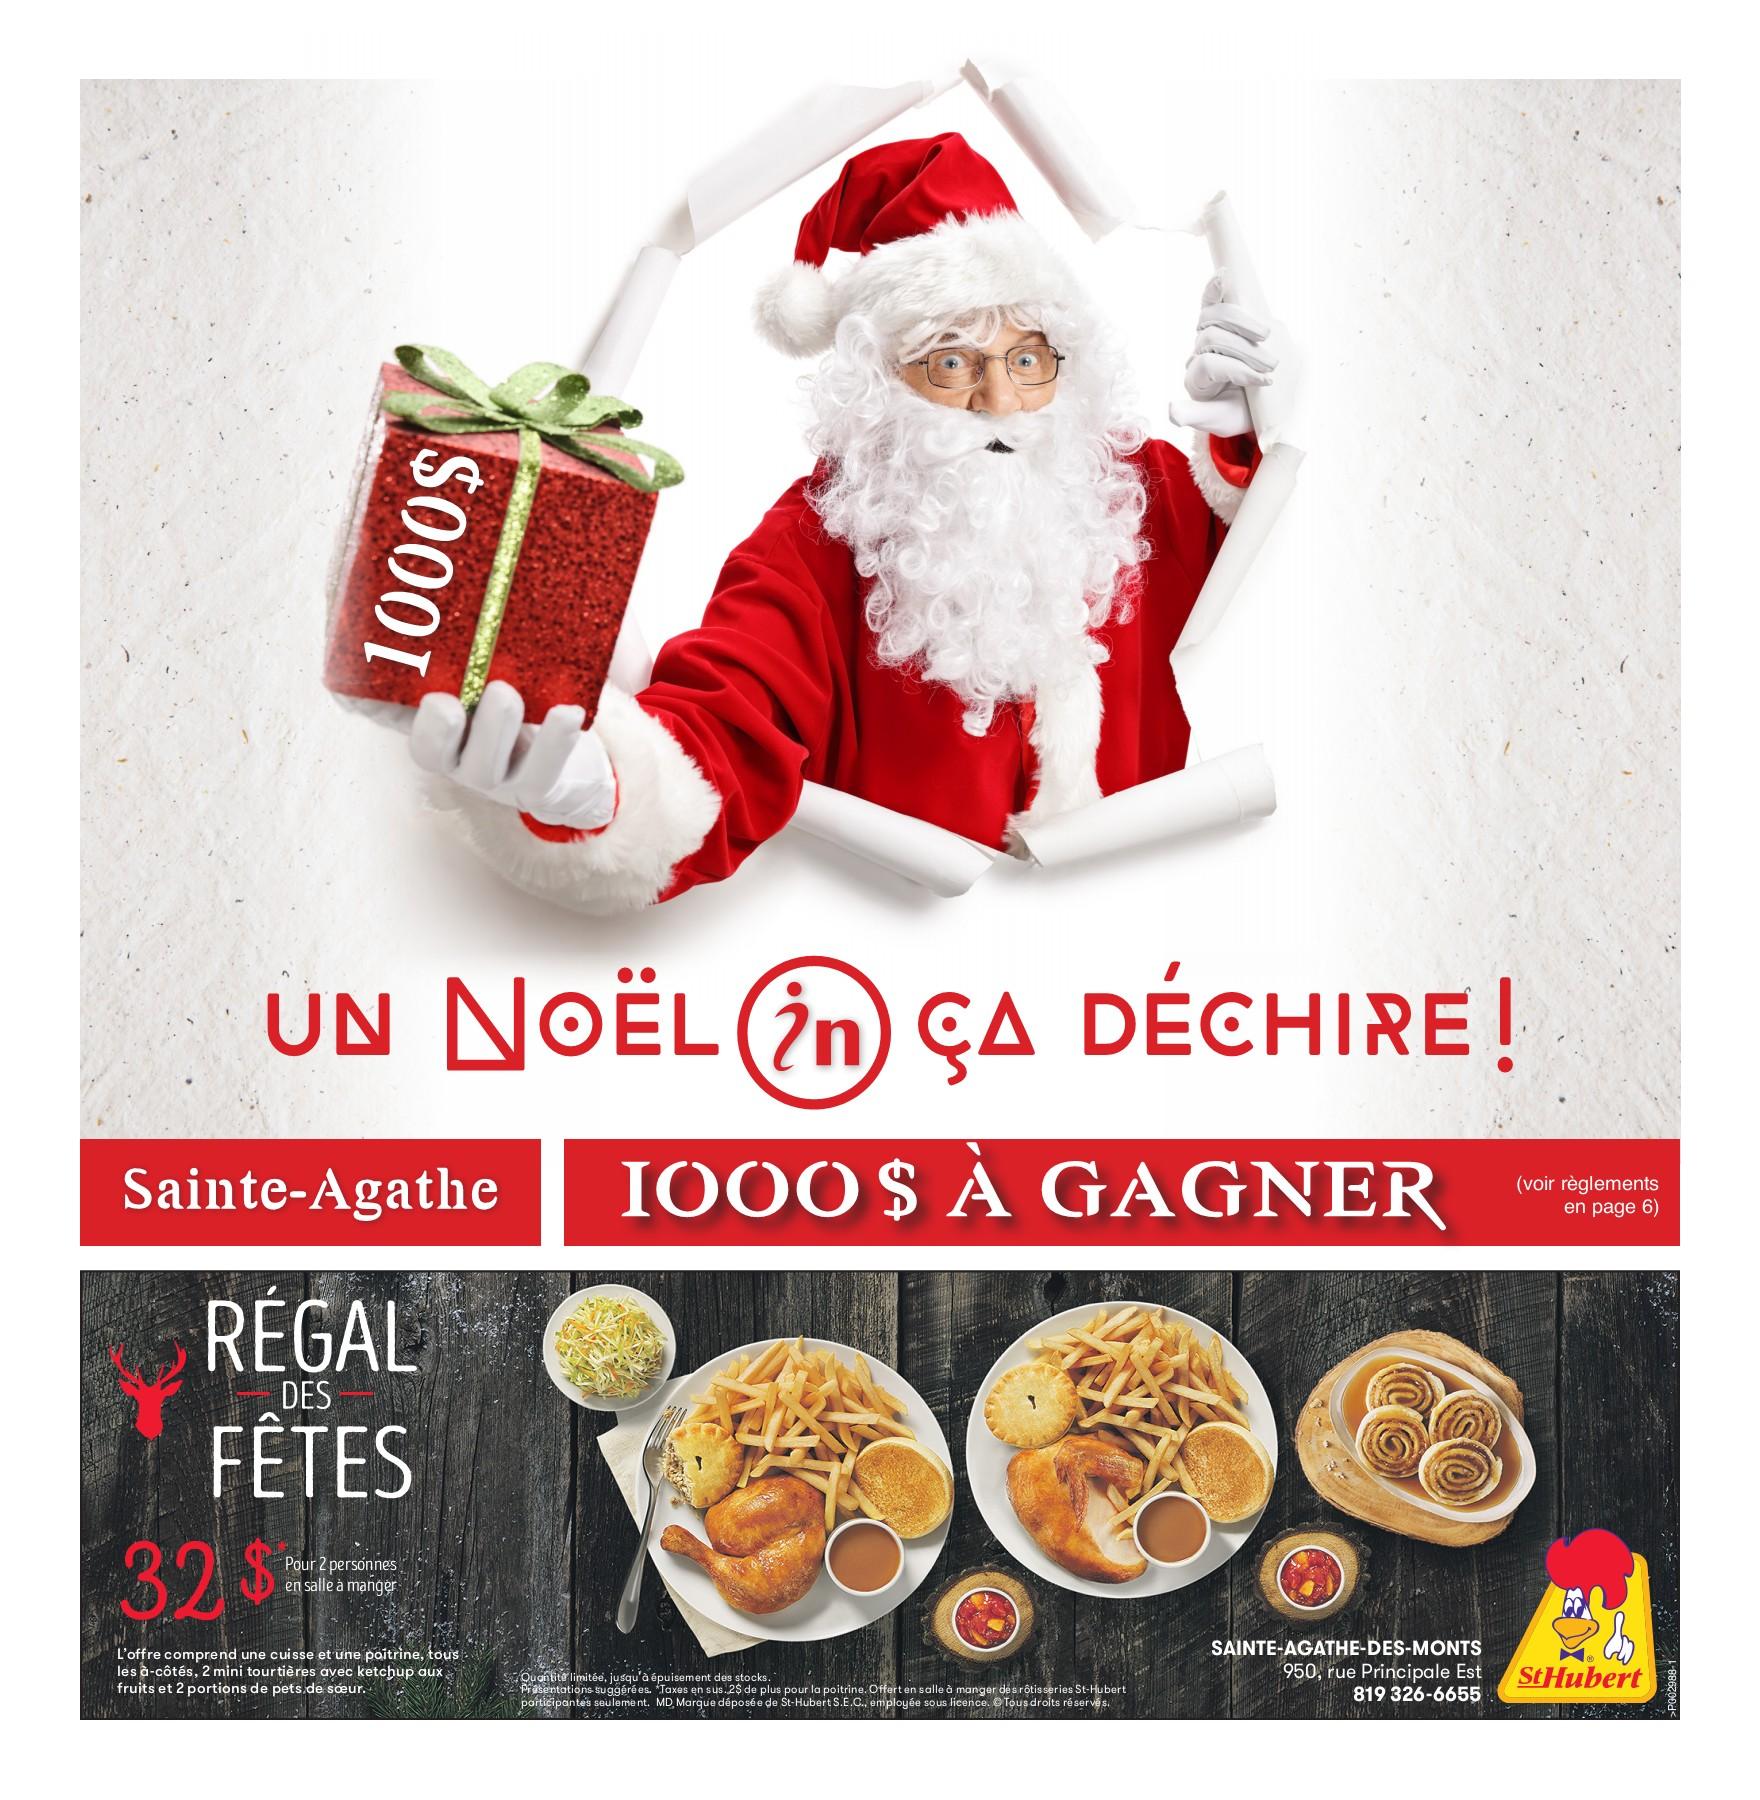 Cadeau Leclerc Unique 4 Décembre 2019 • Cahier De No L Pages 1 20 Text Version Of 37 Élégant Cadeau Leclerc